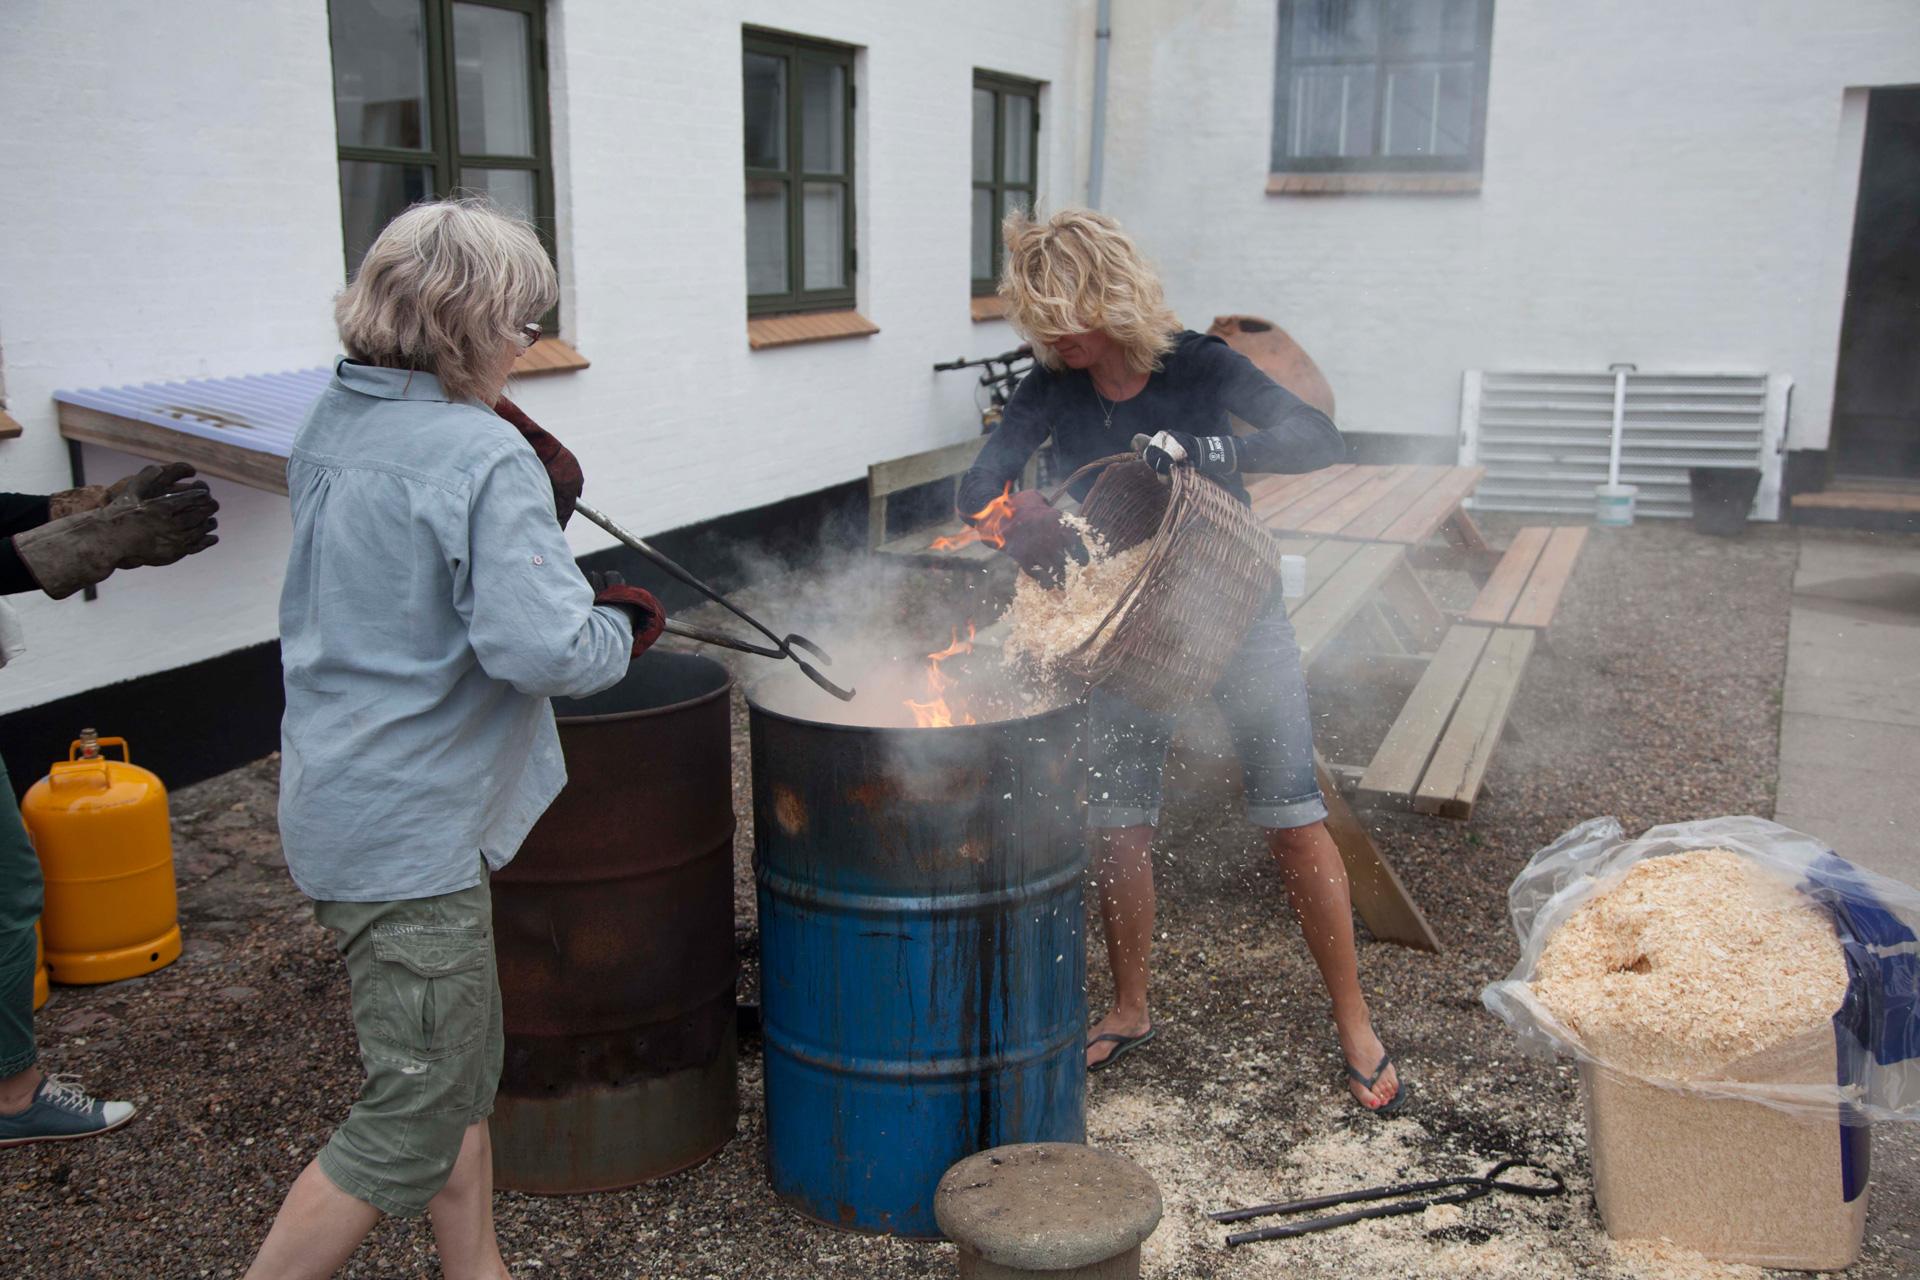 Lær raku brænding på keramik kurset